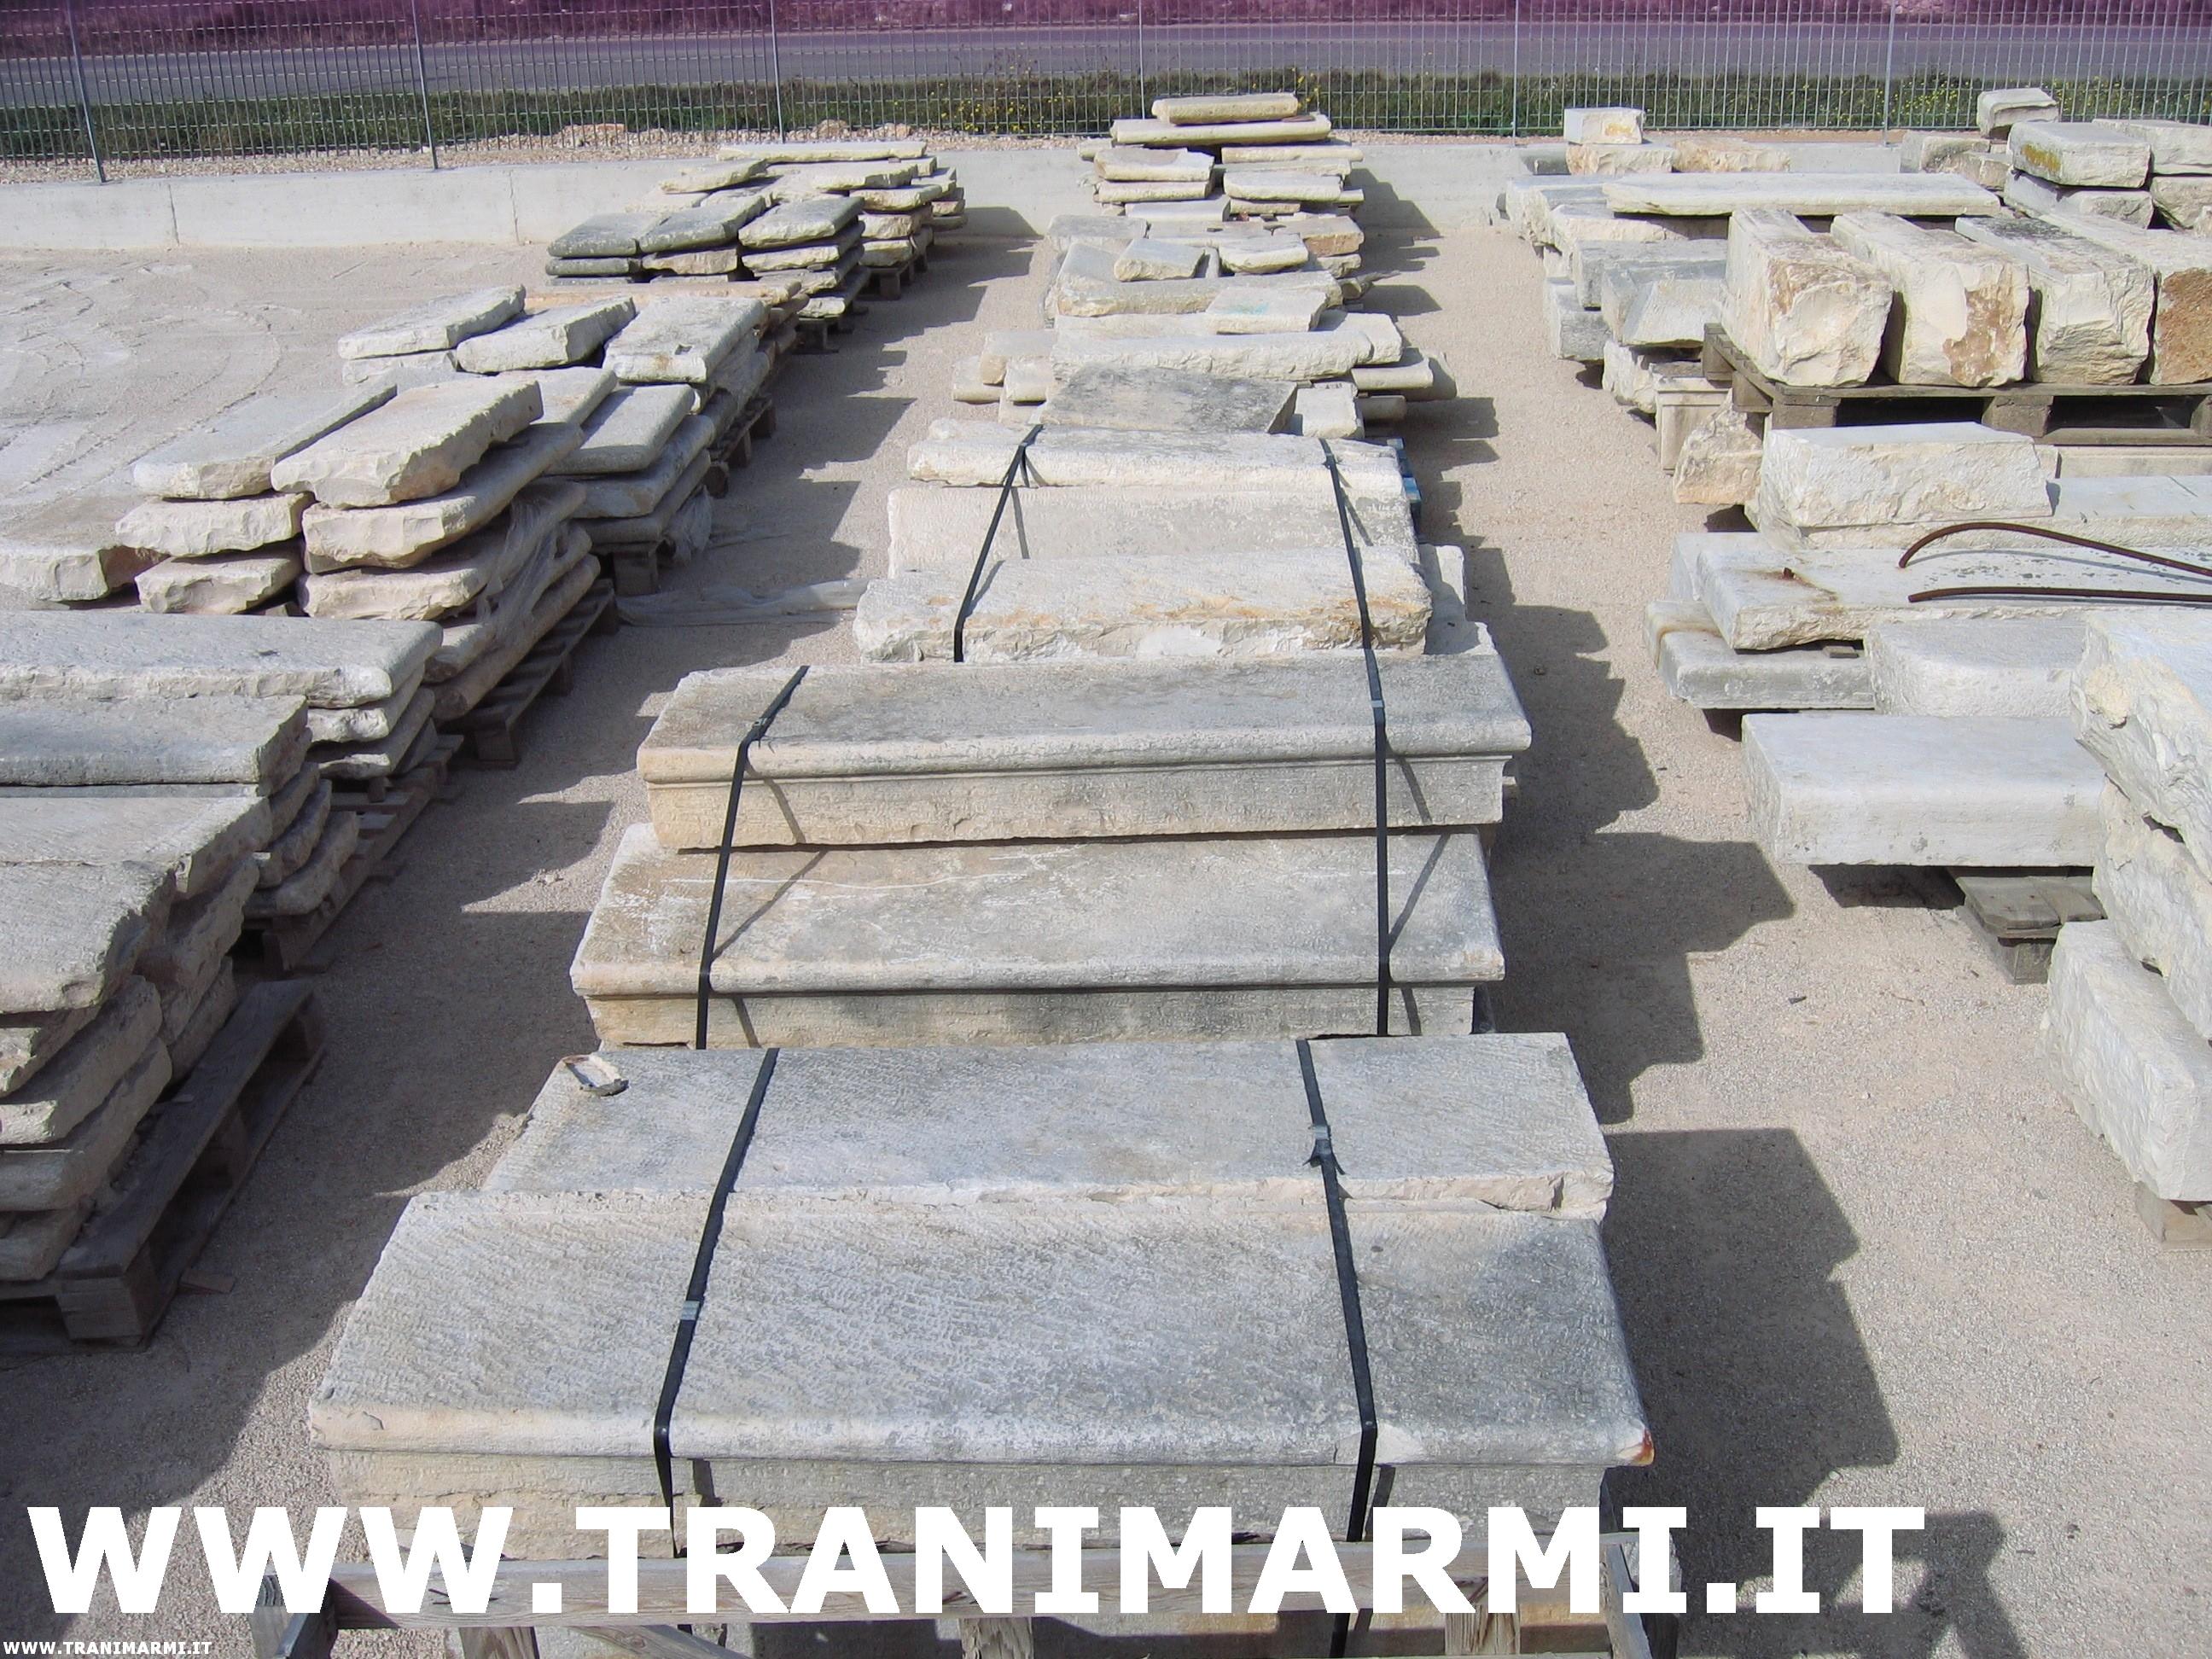 Trani marmi s r l lavorazione della pietra di trani - Gradini in cemento per esterno ...